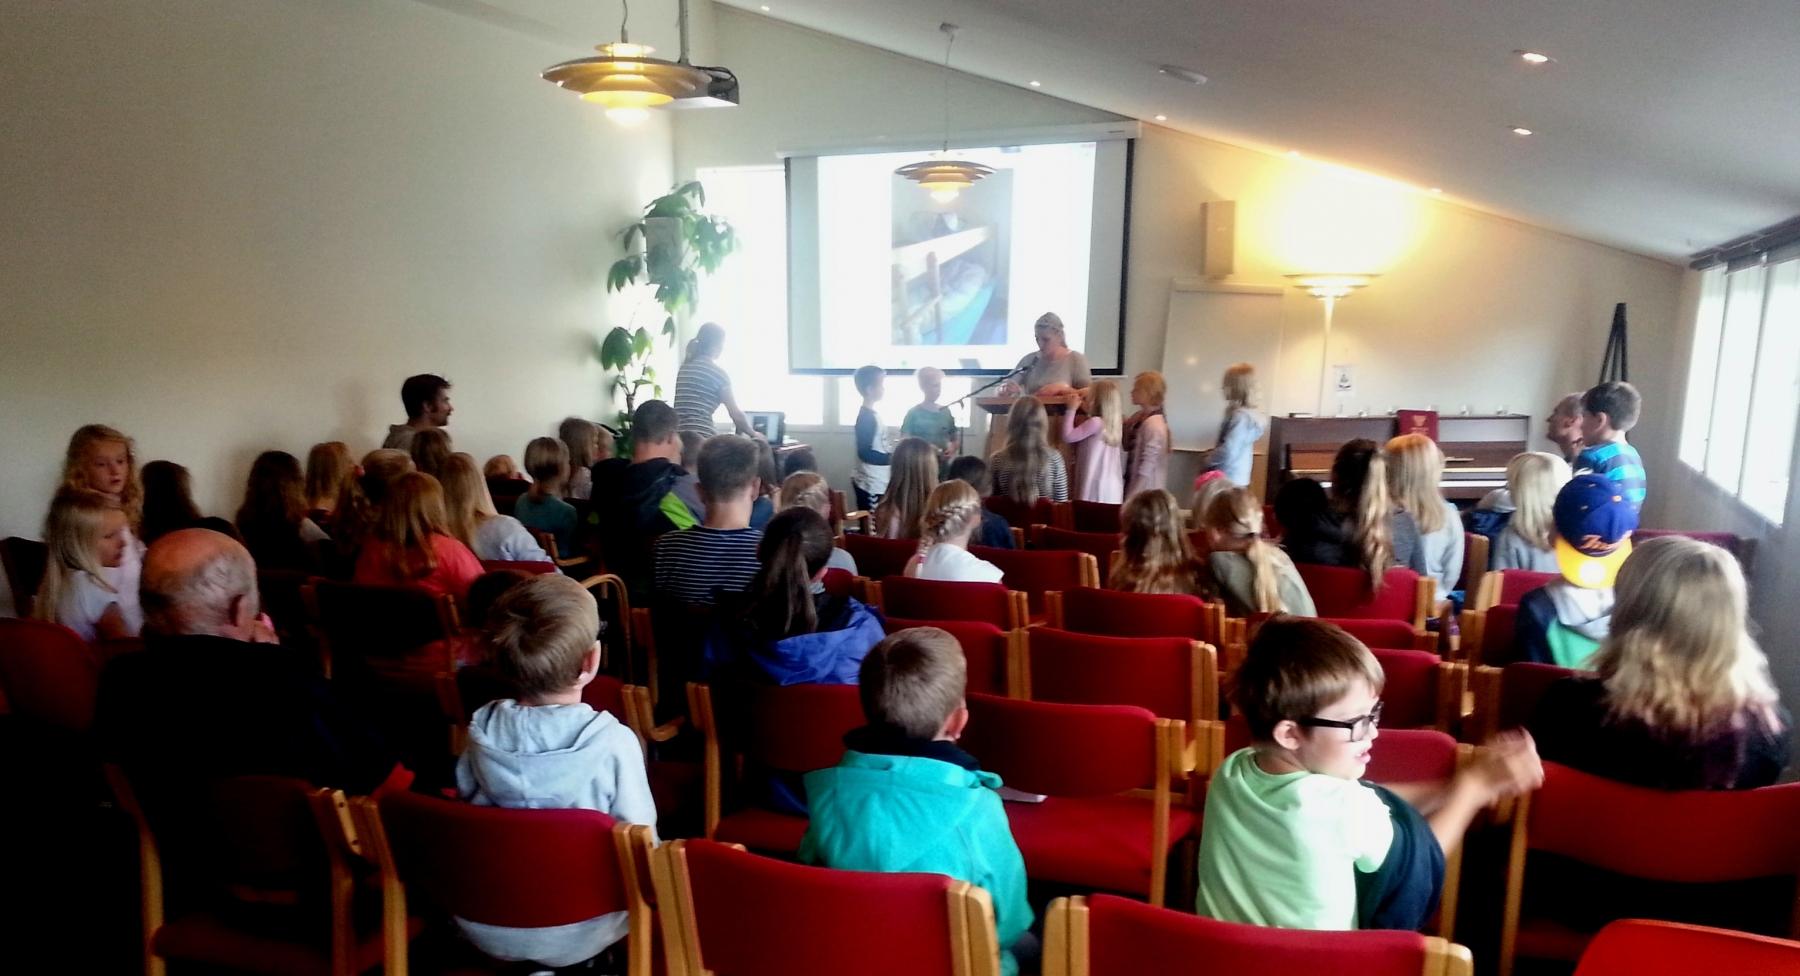 Ivrige barn som følger med når bilder vises. Fra leir på Nordlys høsten 2015.